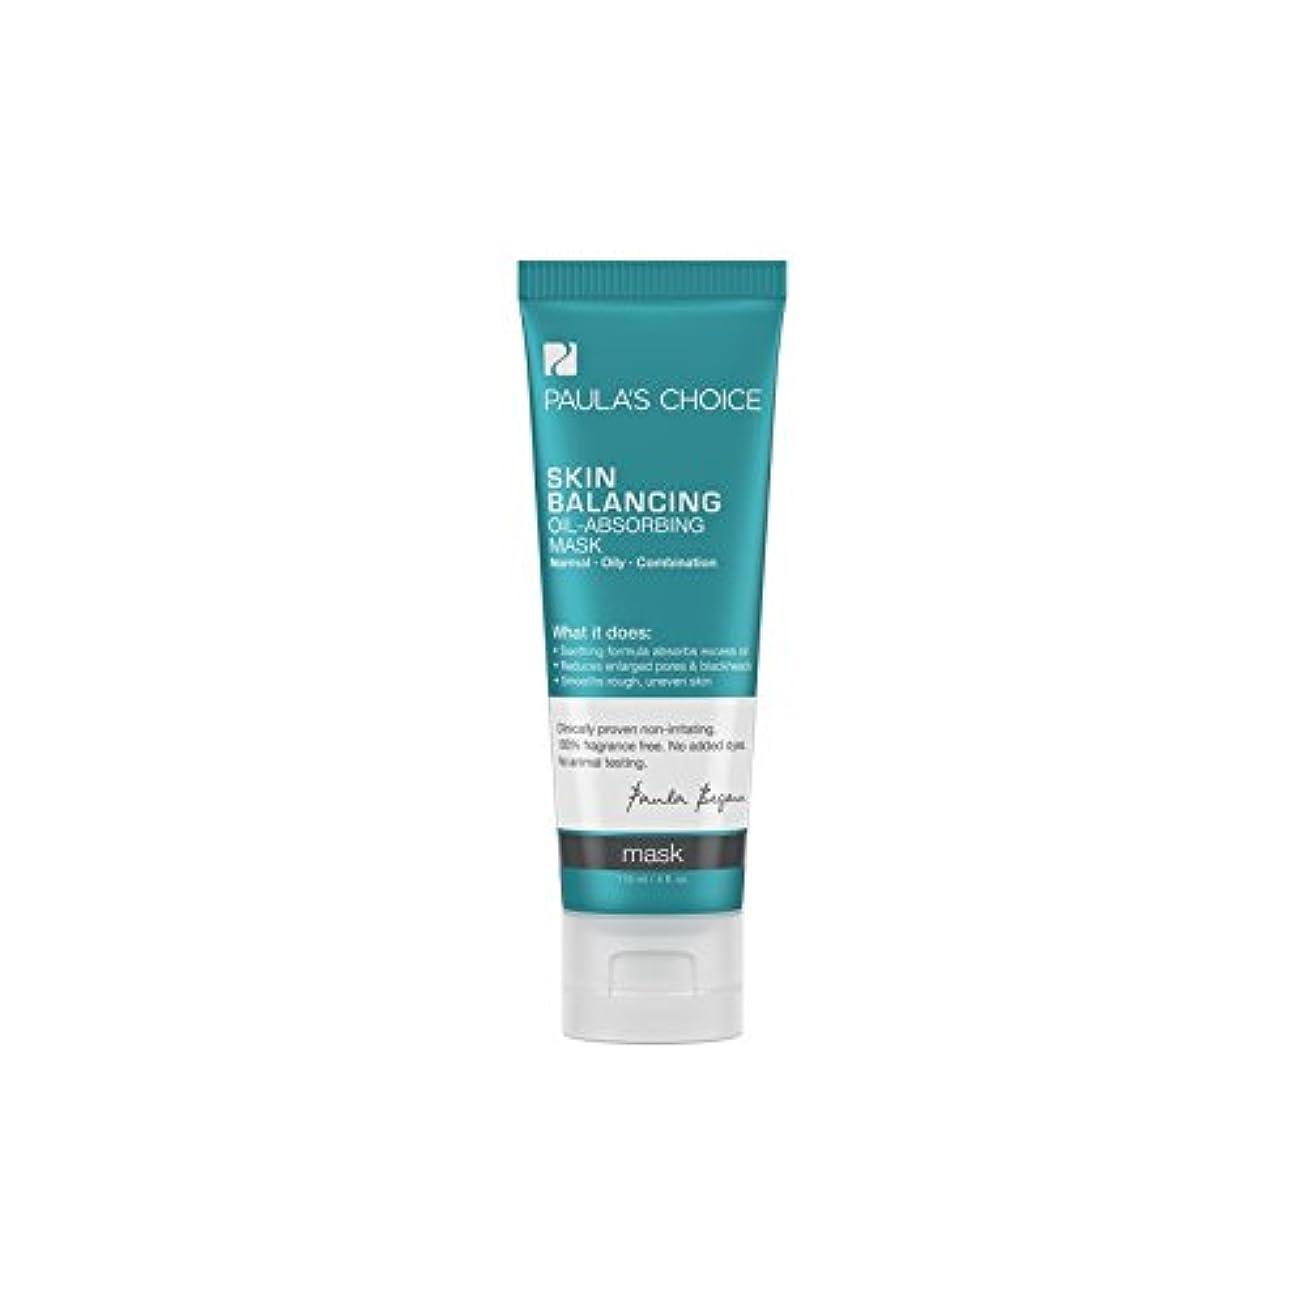 泣く一口抑制するPaula's Choice Skin Balancing Oil-Absorbing Mask (118ml) (Pack of 6) - ポーラチョイスの肌のバランス吸油性マスク(118ミリリットル) x6 [並行輸入品]